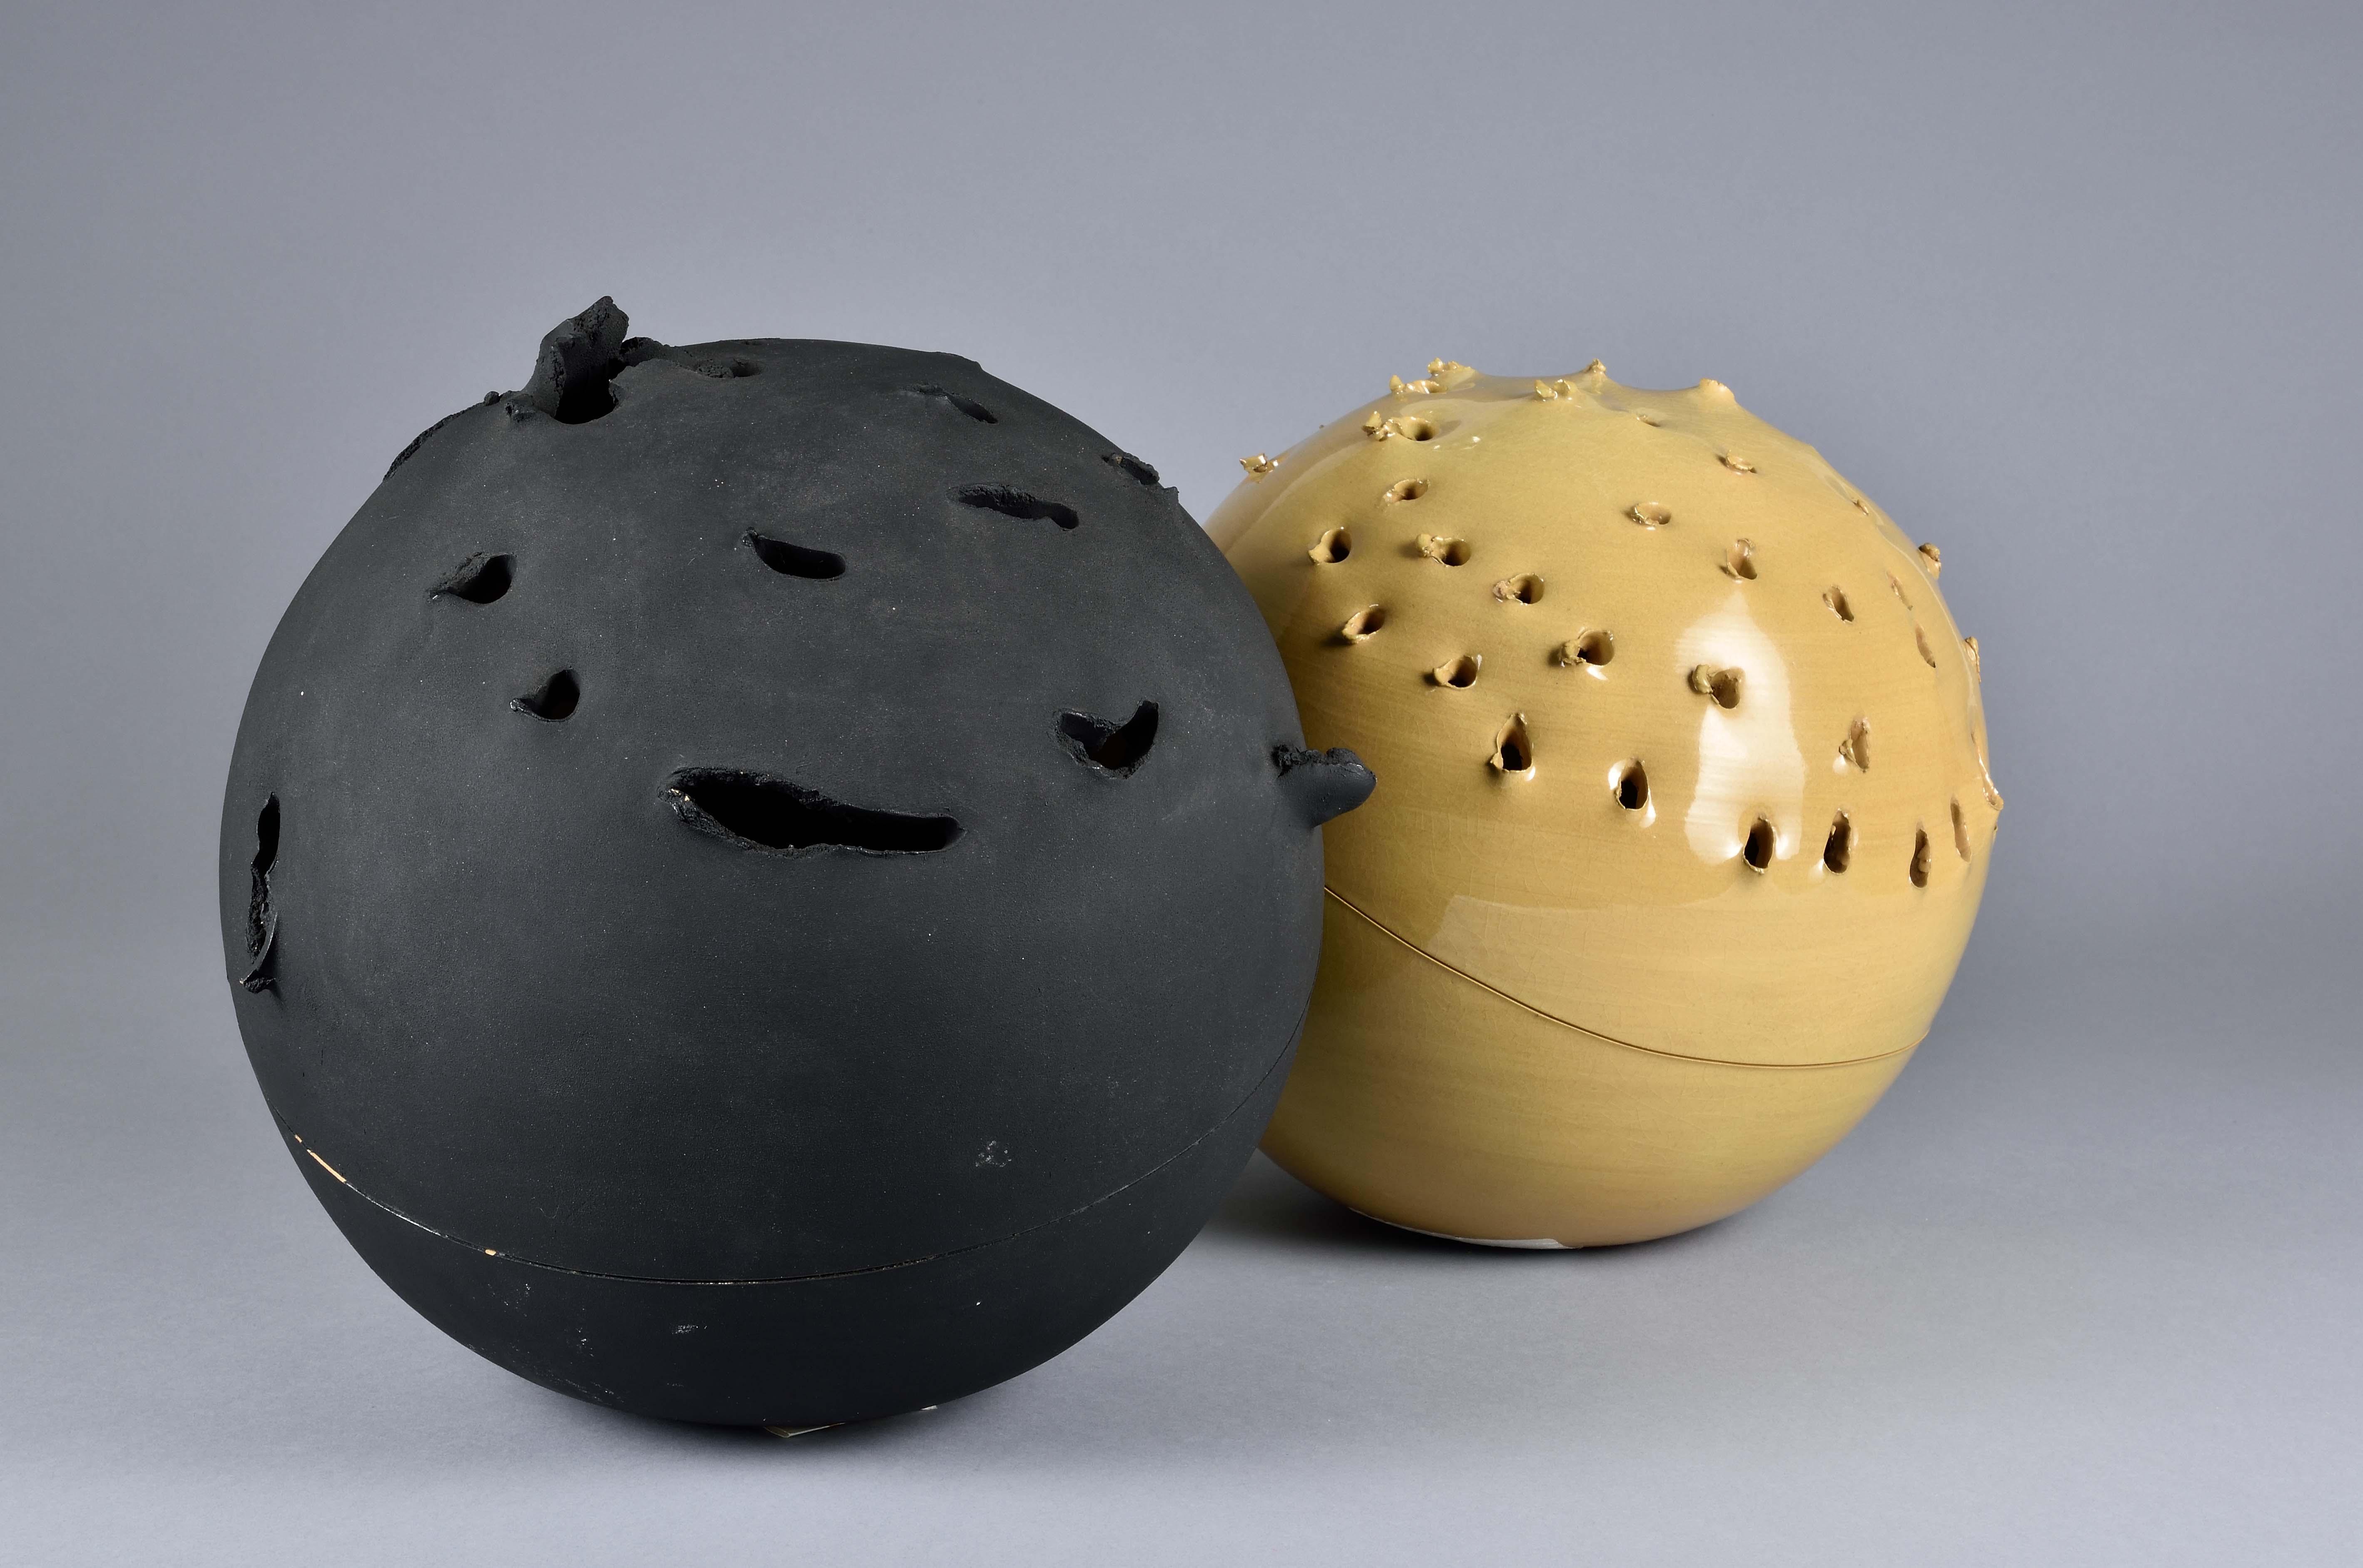 Spheres   Lucio Fontana   1957   Museo Internazionale delle Ceramiche Faenza (MIC)   © VG Bild-Kunst, Bonn 2019